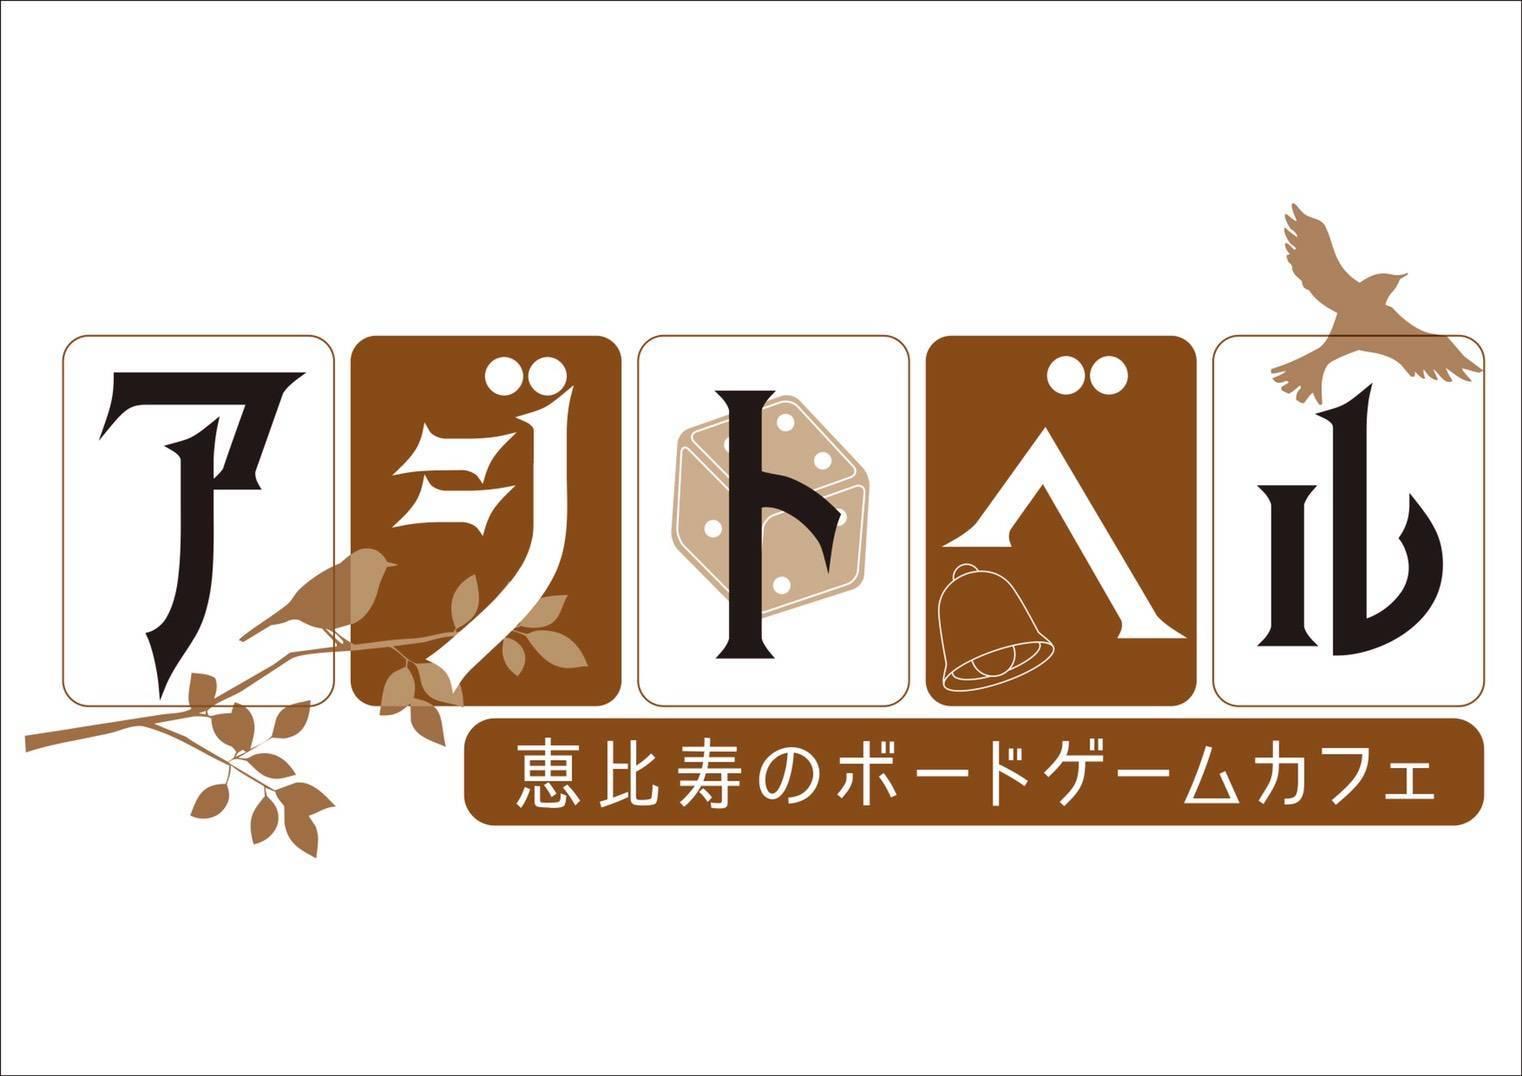 アジトベル 恵比寿のボードゲームカフェ(アジトベル エビスノボードゲームカフェ)